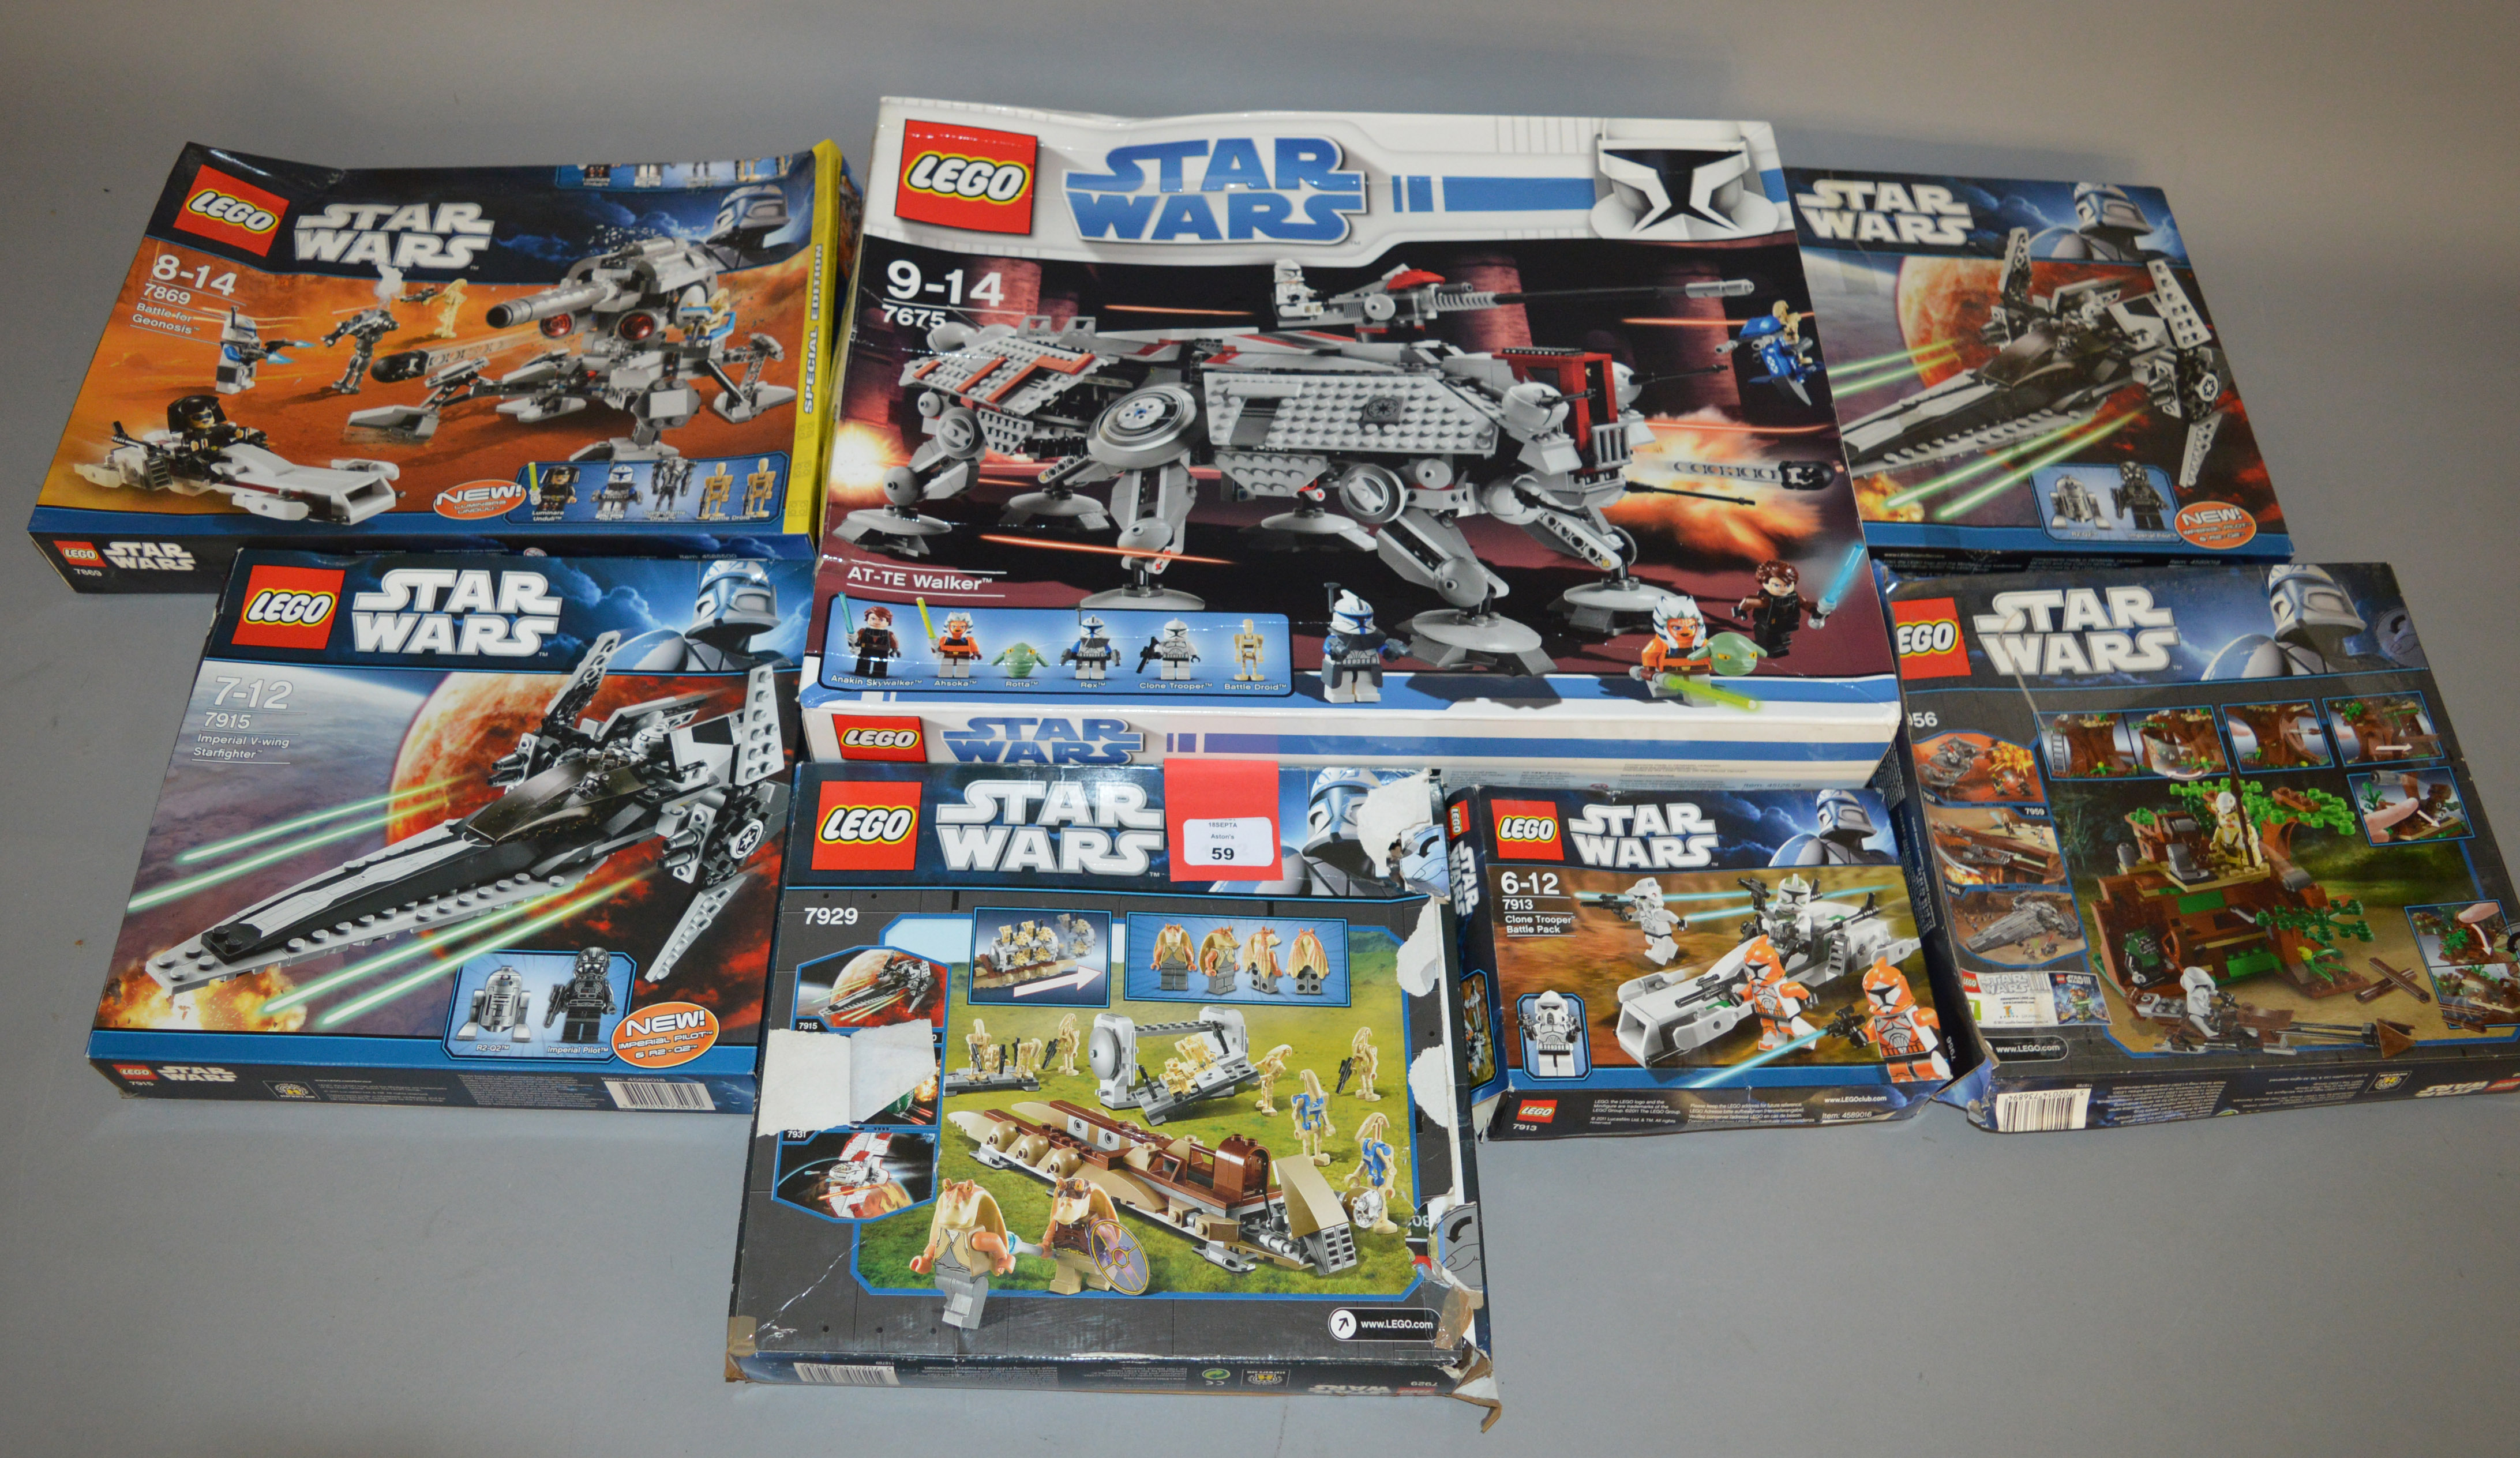 Lot 59 - Seven Lego Star Wars sets: 7675; 7915; 7913; 7915; 7929; 7956; 7869.